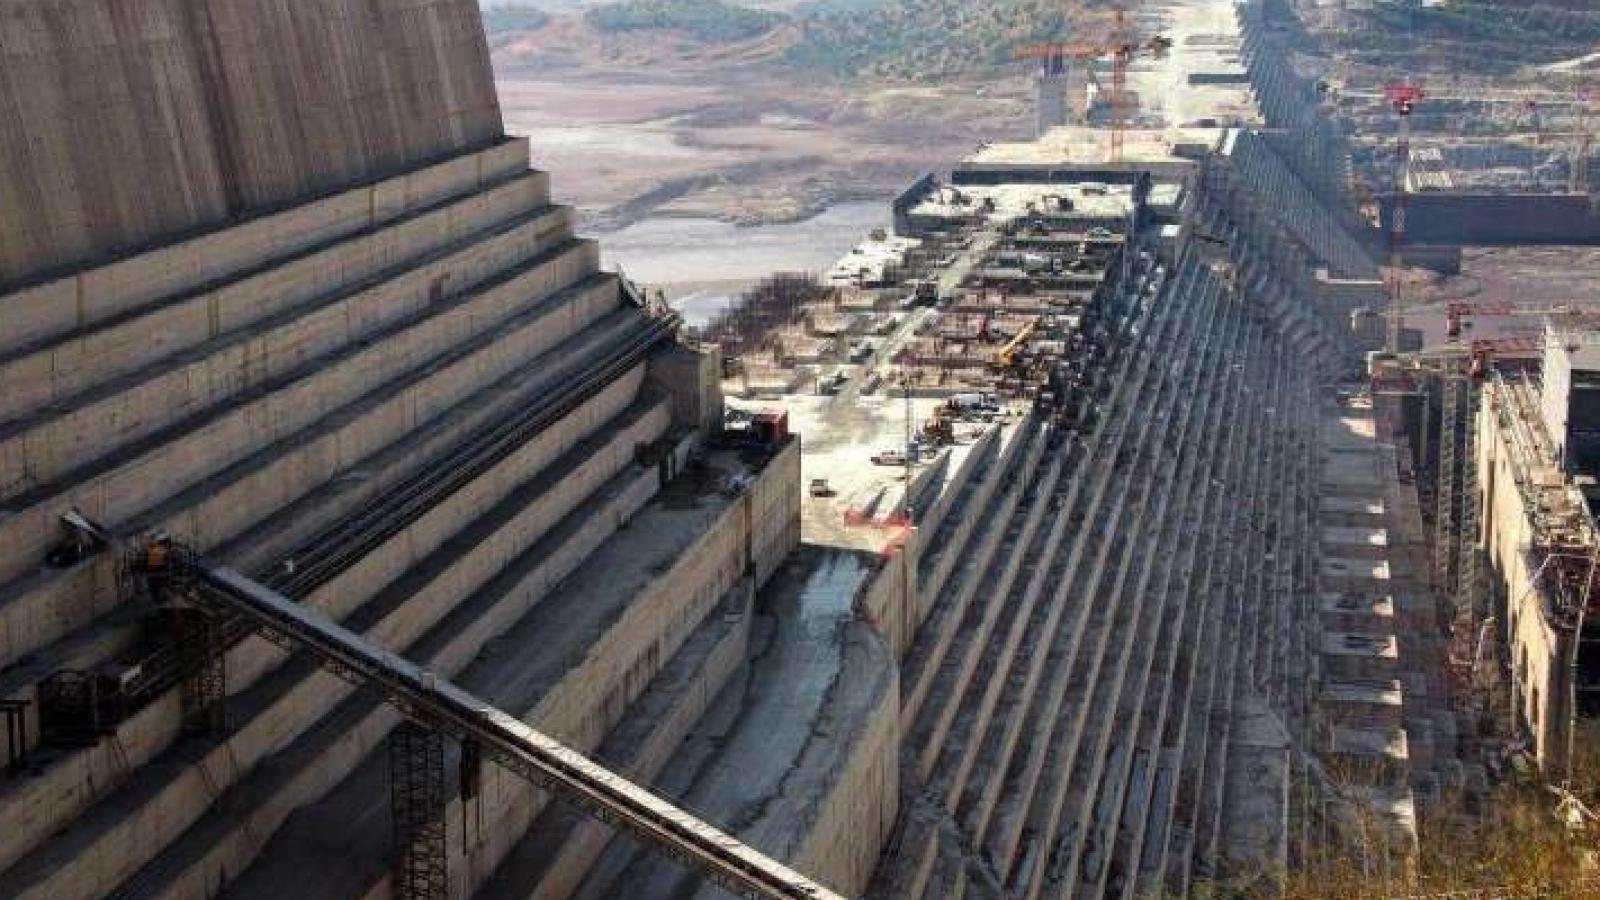 Ai Cập, Sudan và Ethiopia mở lại đàm phán về đập thủy điện Đại Phục Hưng